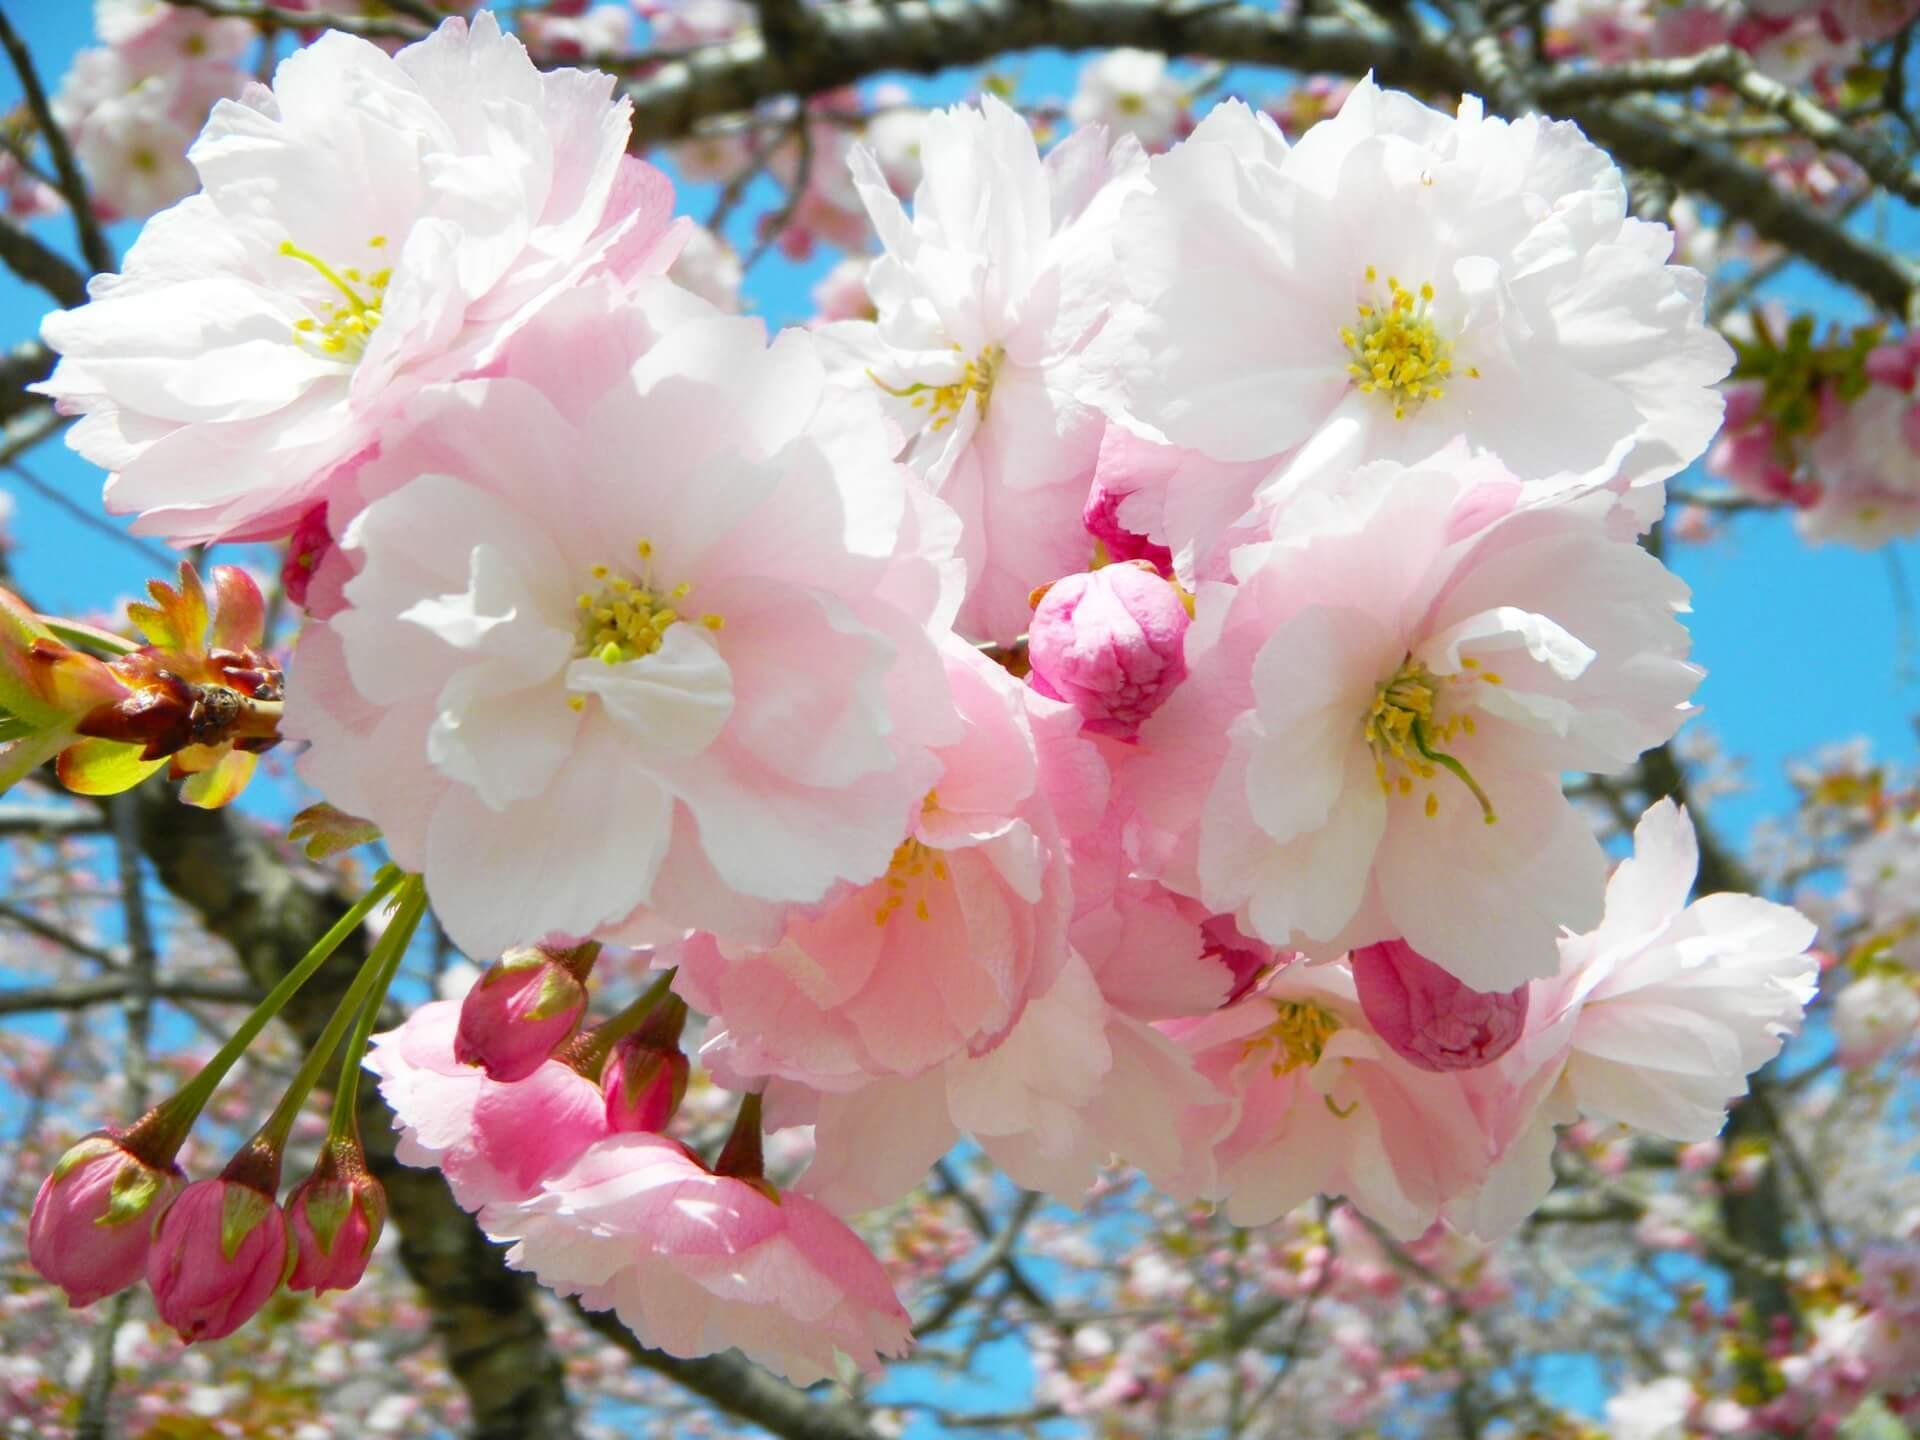 yaezakura-cherry-blossom